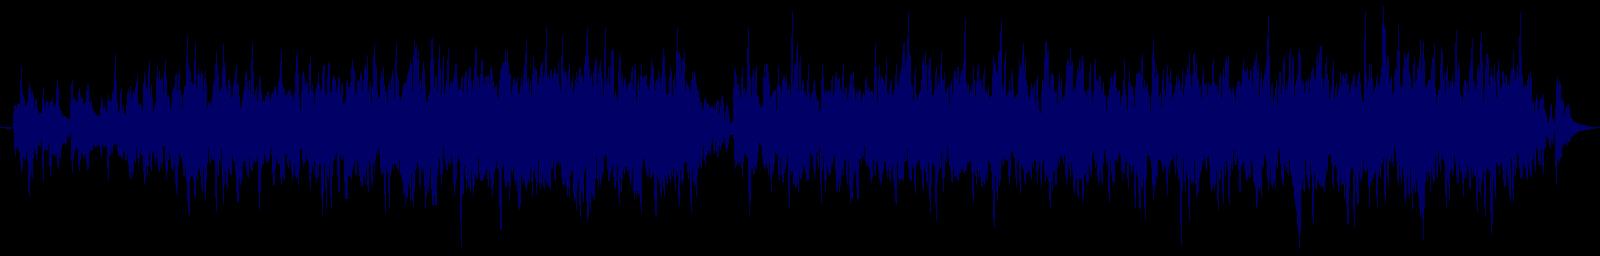 waveform of track #103352